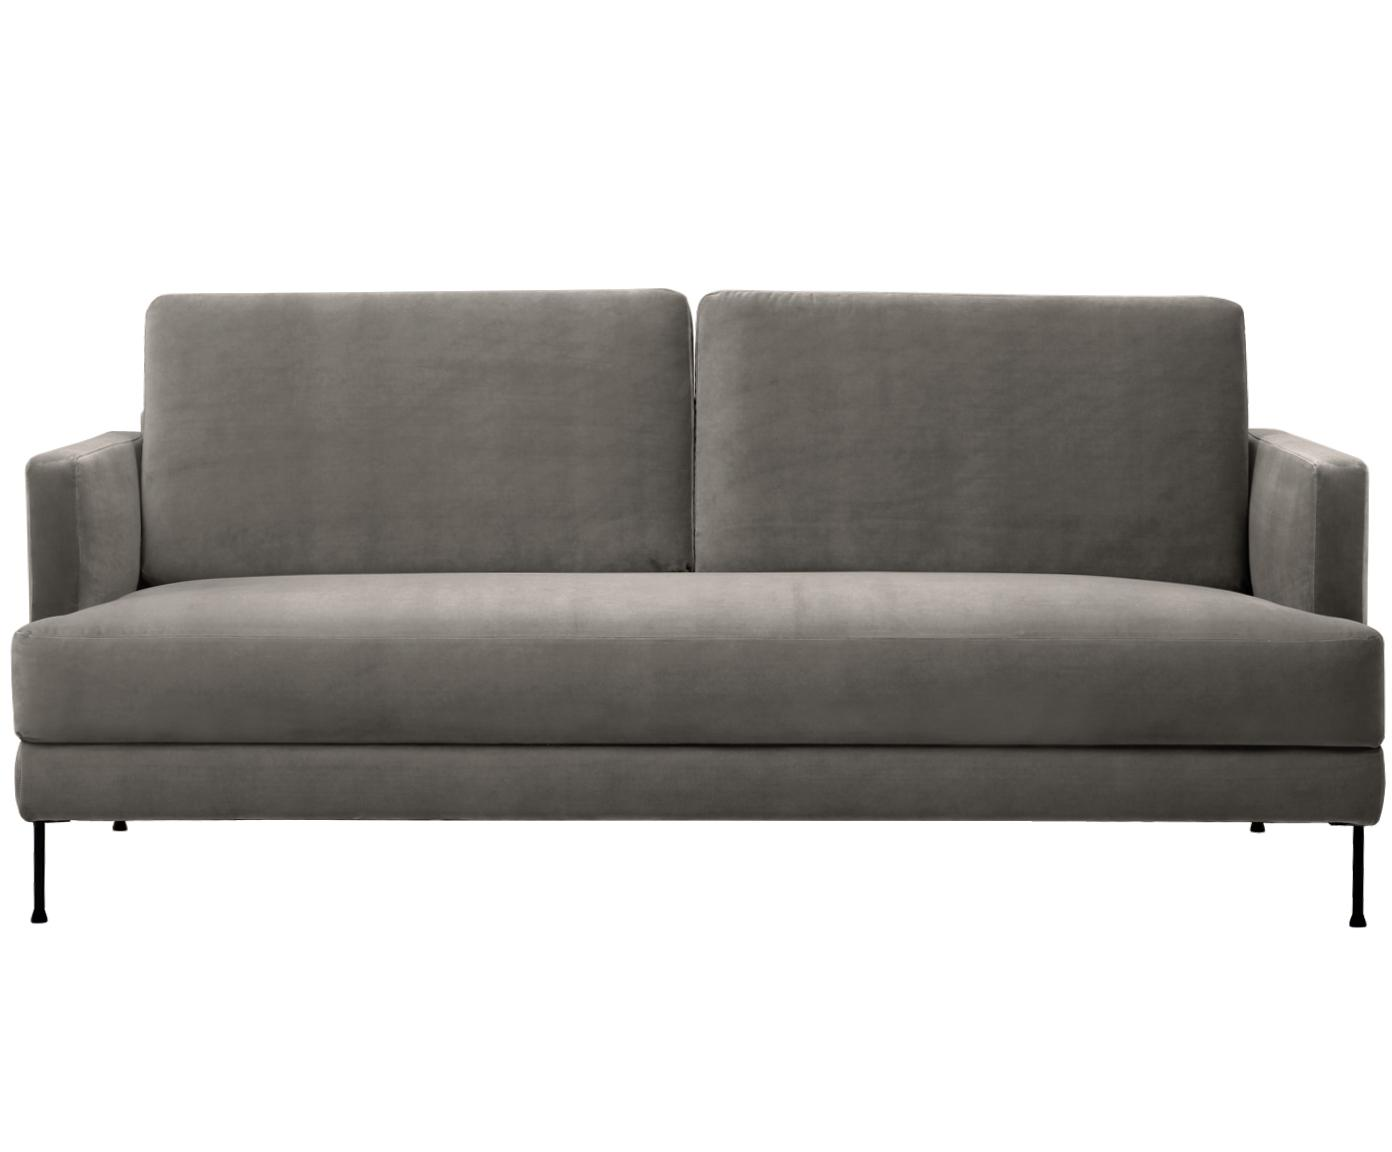 Sofa z aksamitu Fluente (3-osobowa), Tapicerka: aksamit (wysokiej jakości, Stelaż: lite drewno sosnowe, Nogi: metal lakierowany, Aksamitny szarobrązowy, S 197 x G 83 cm